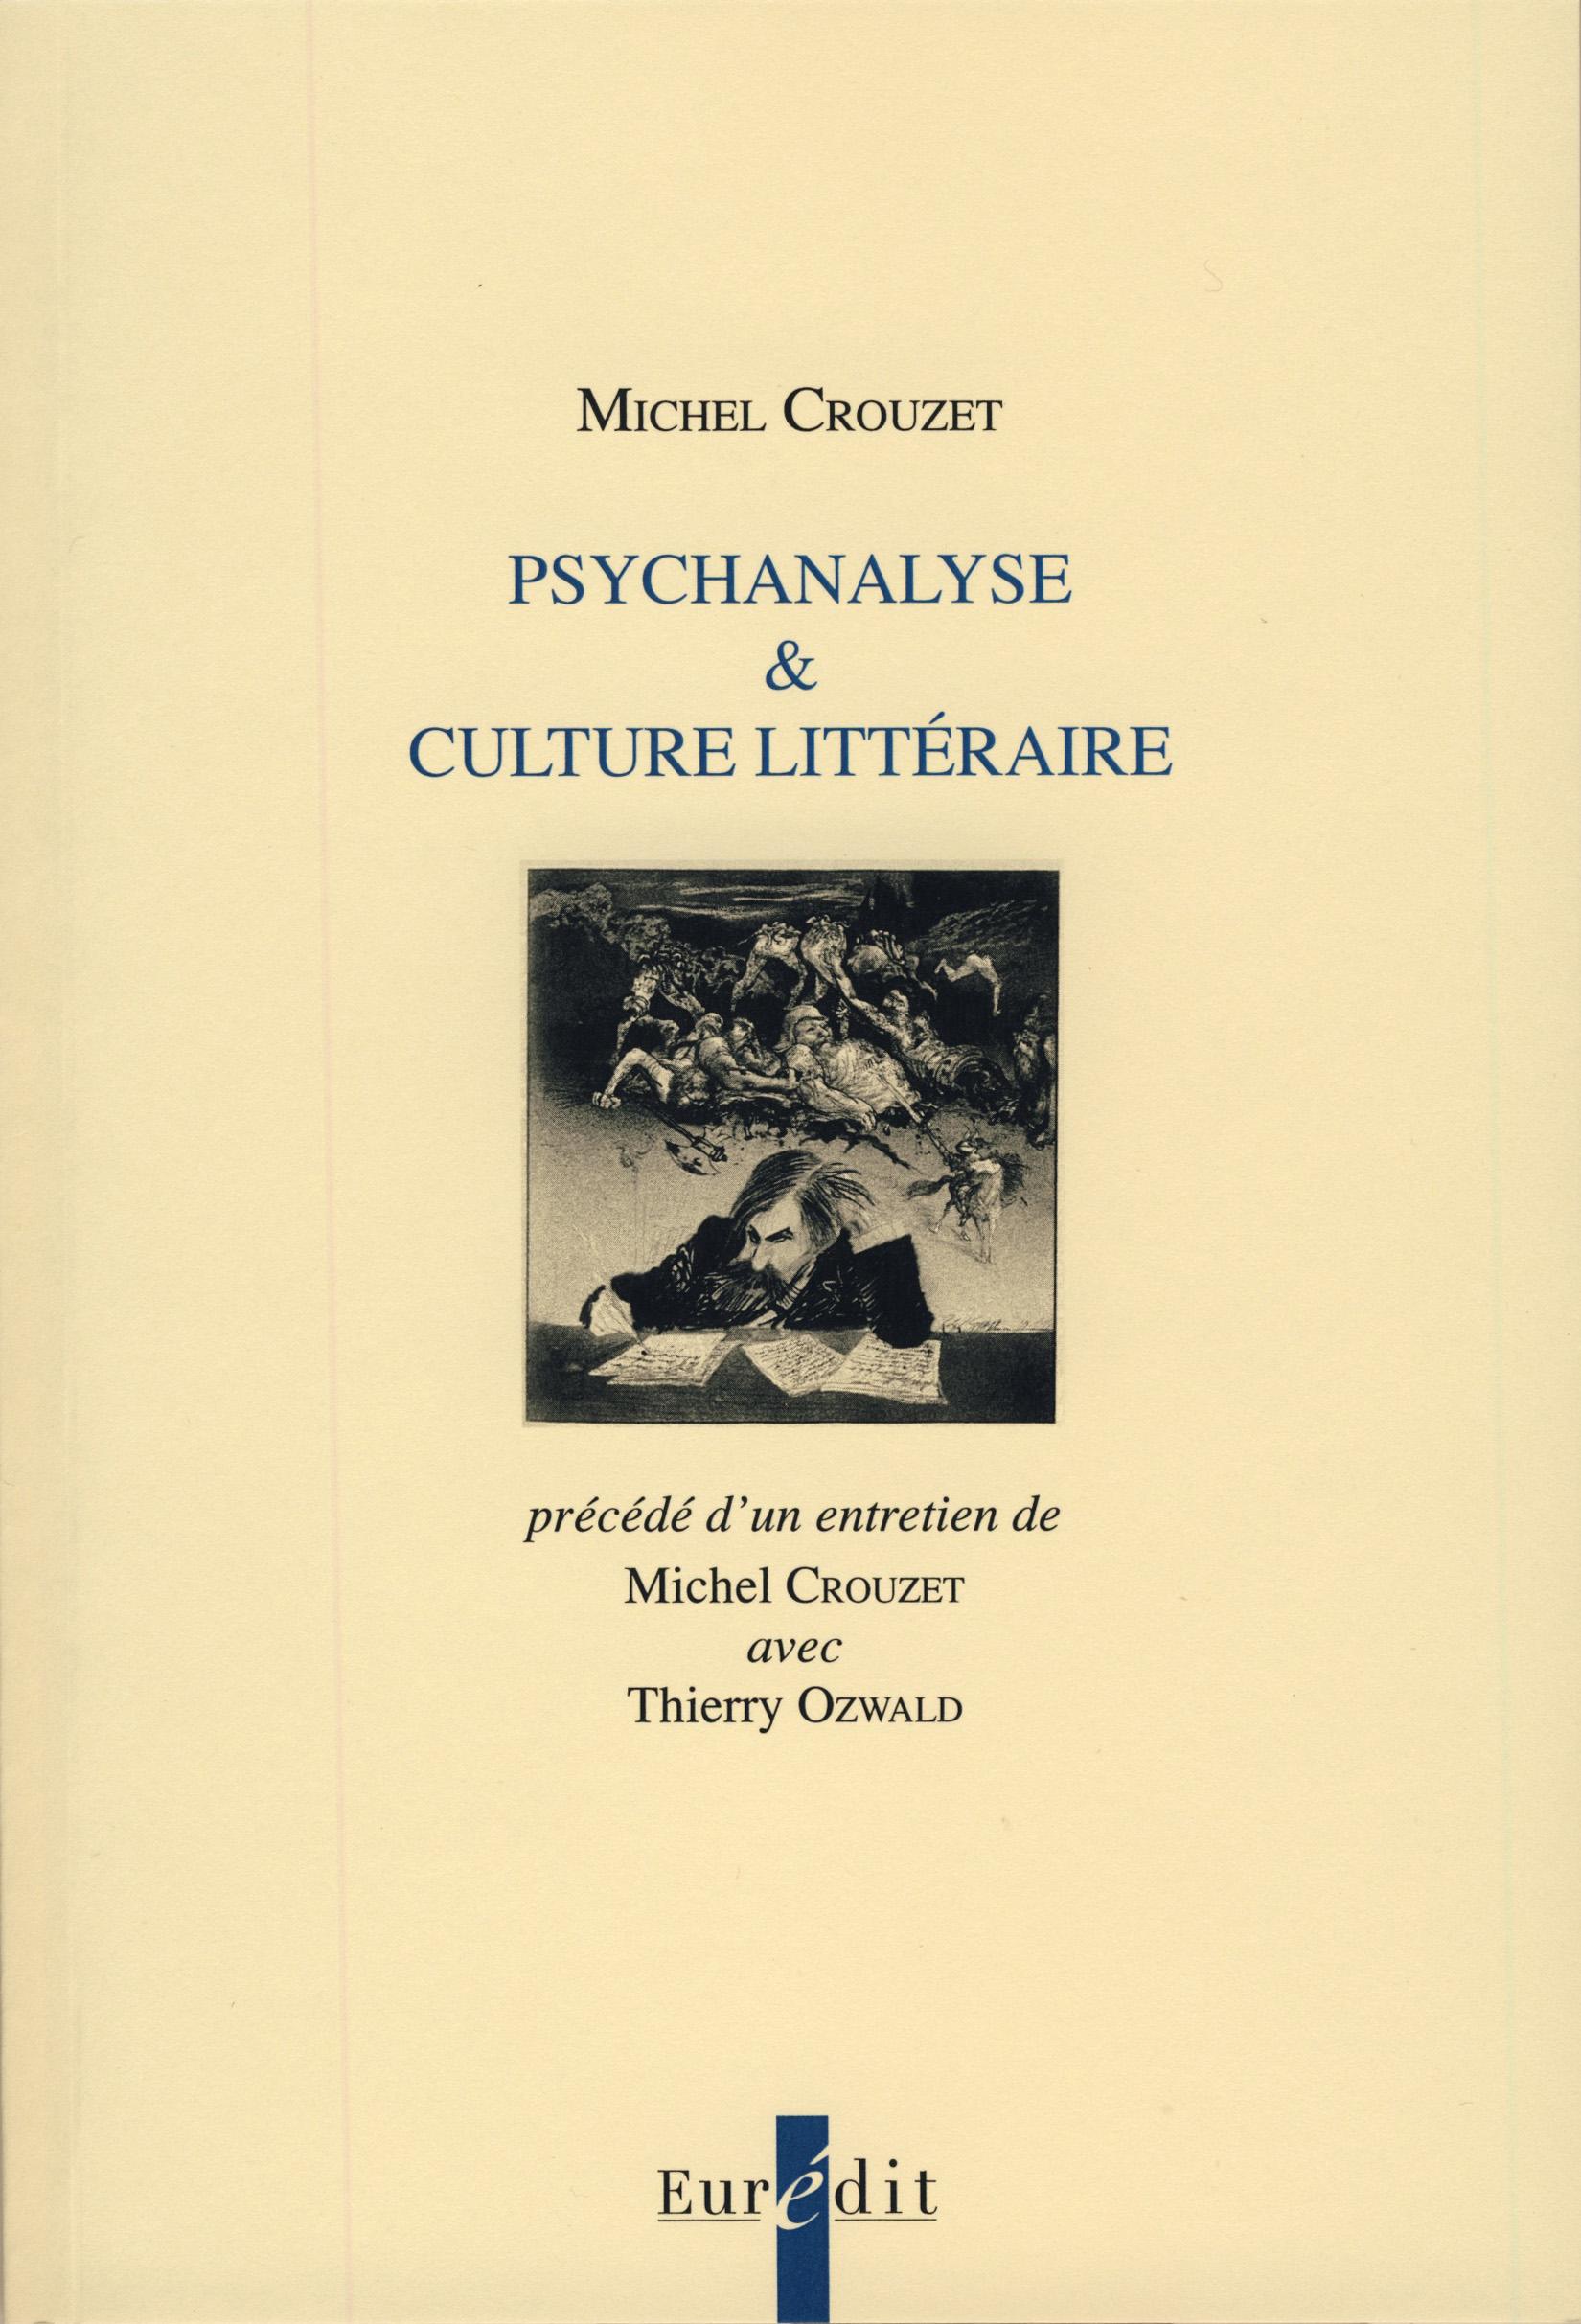 M. Crouzet, Psychanalyse & culture littéraire